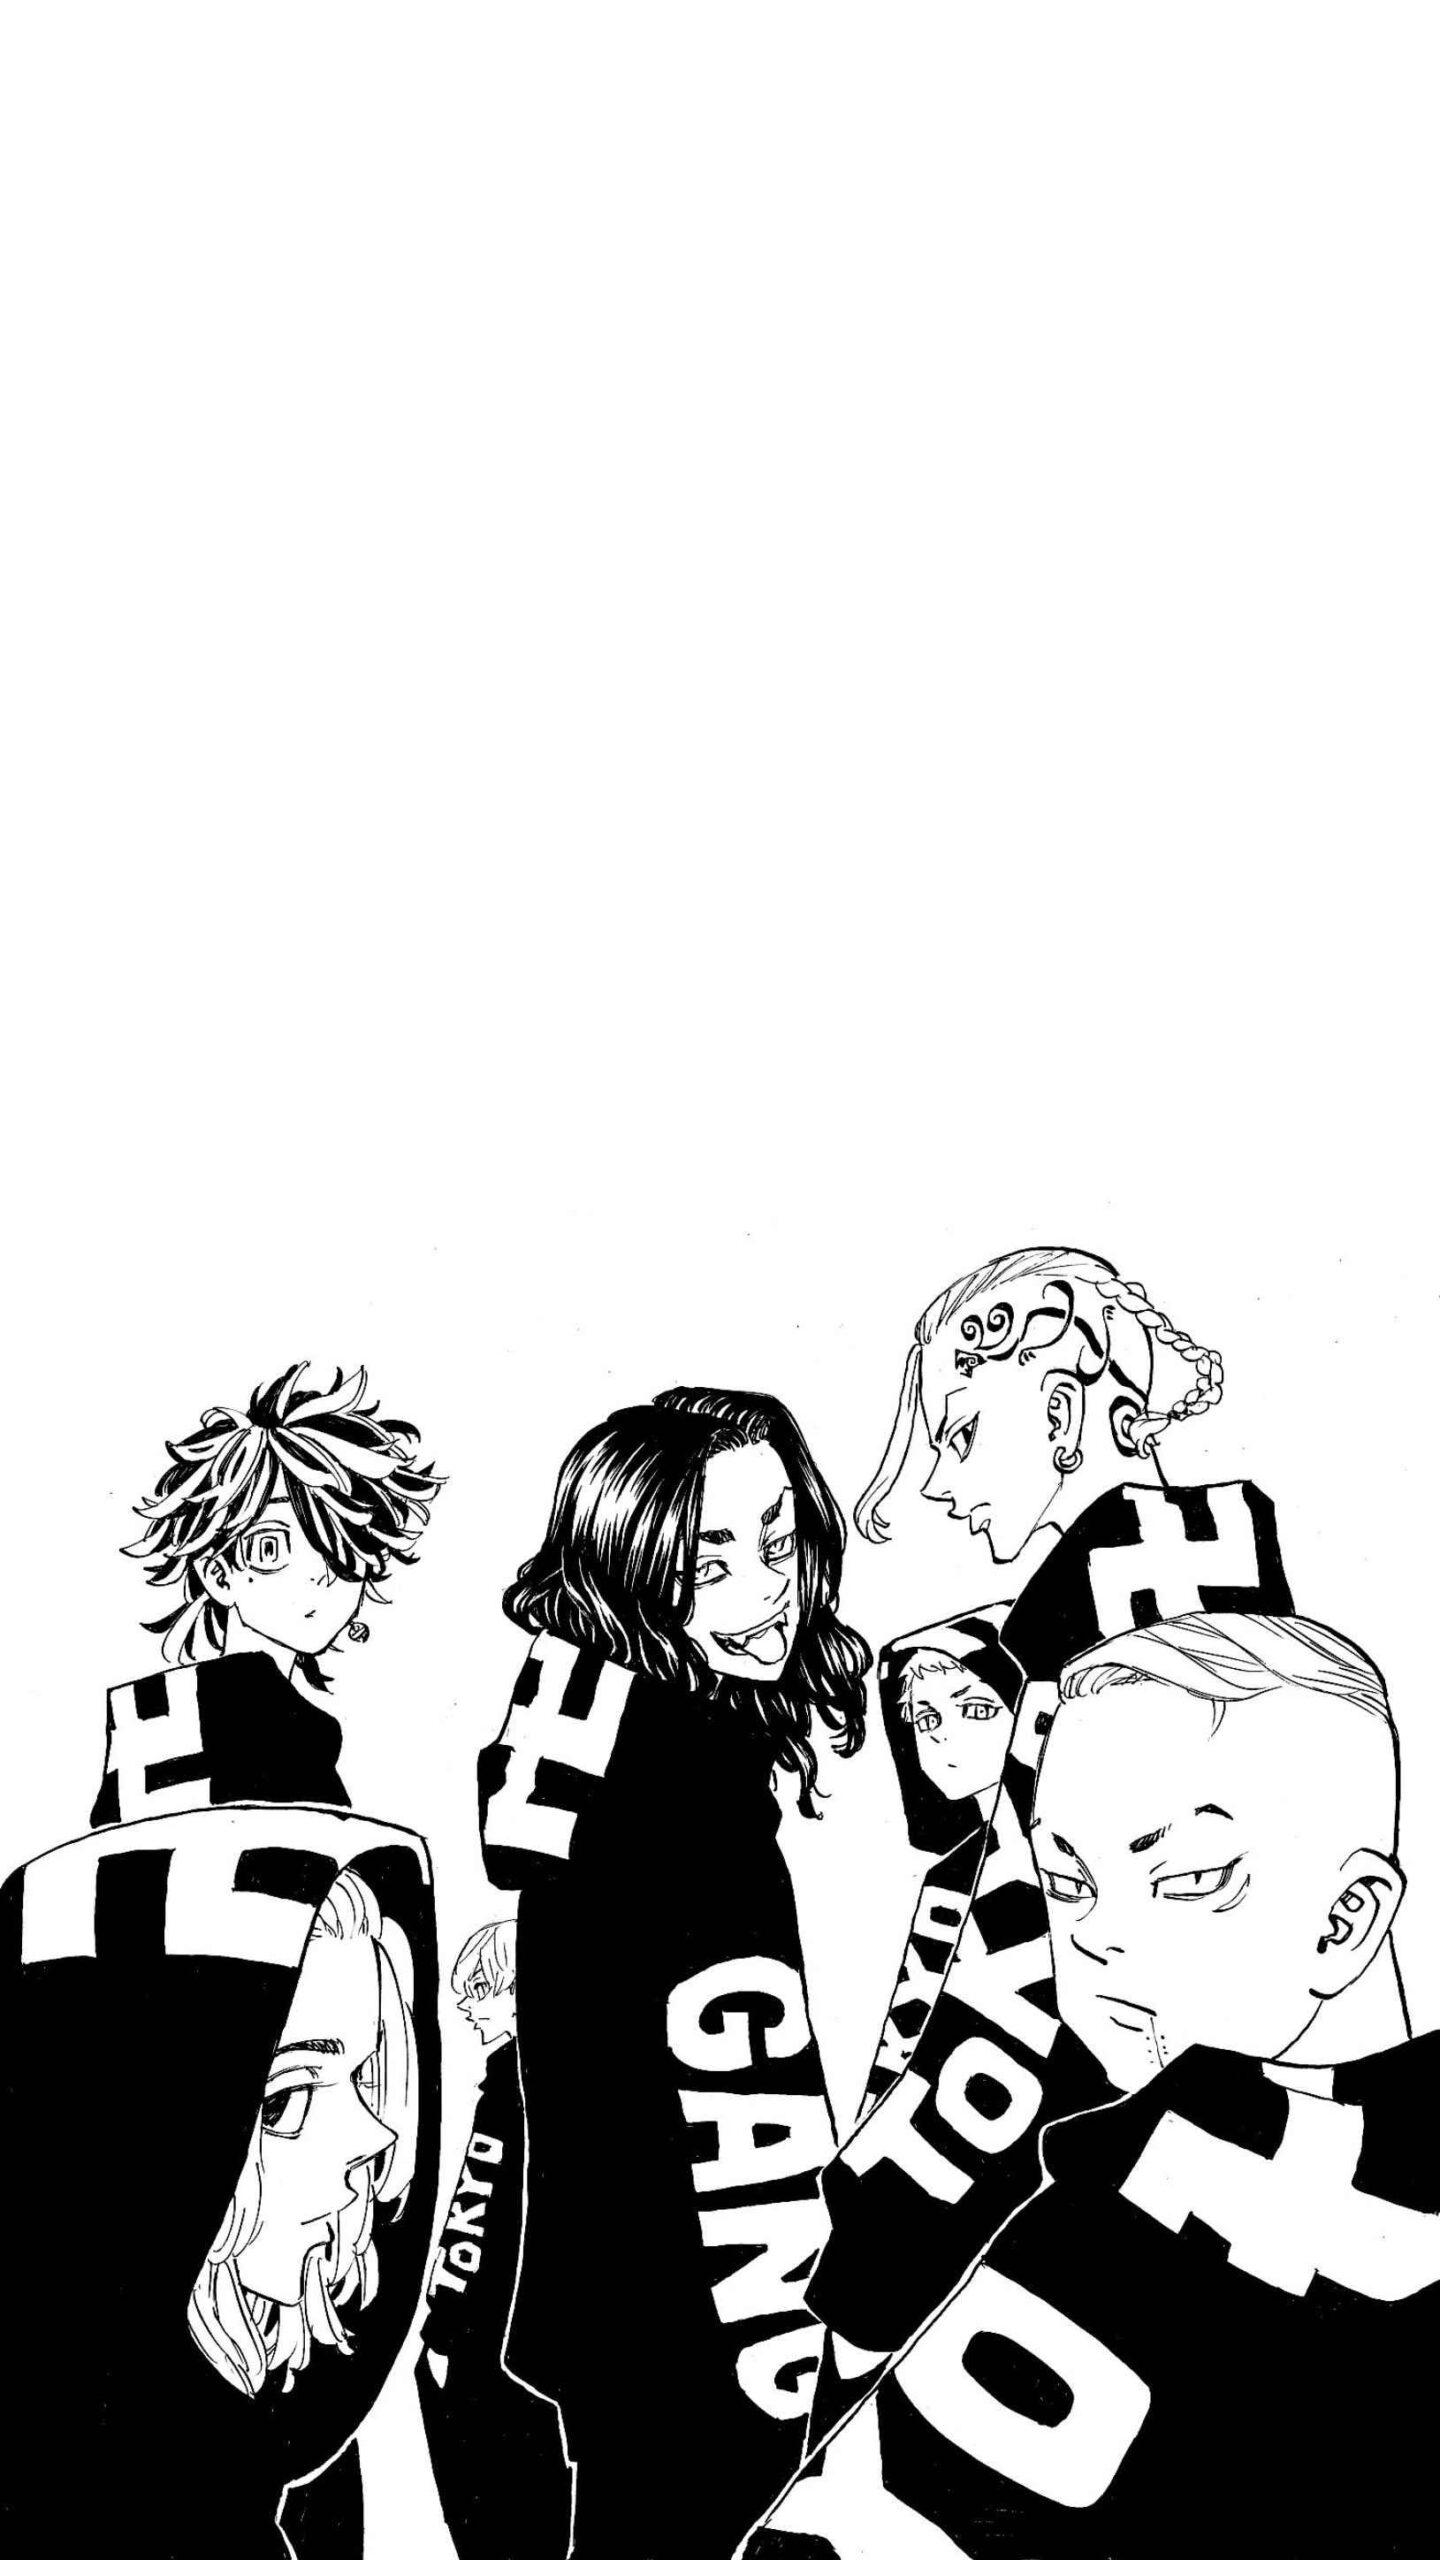 Заставка на телефон аниме Токийские мстители, обои (2)